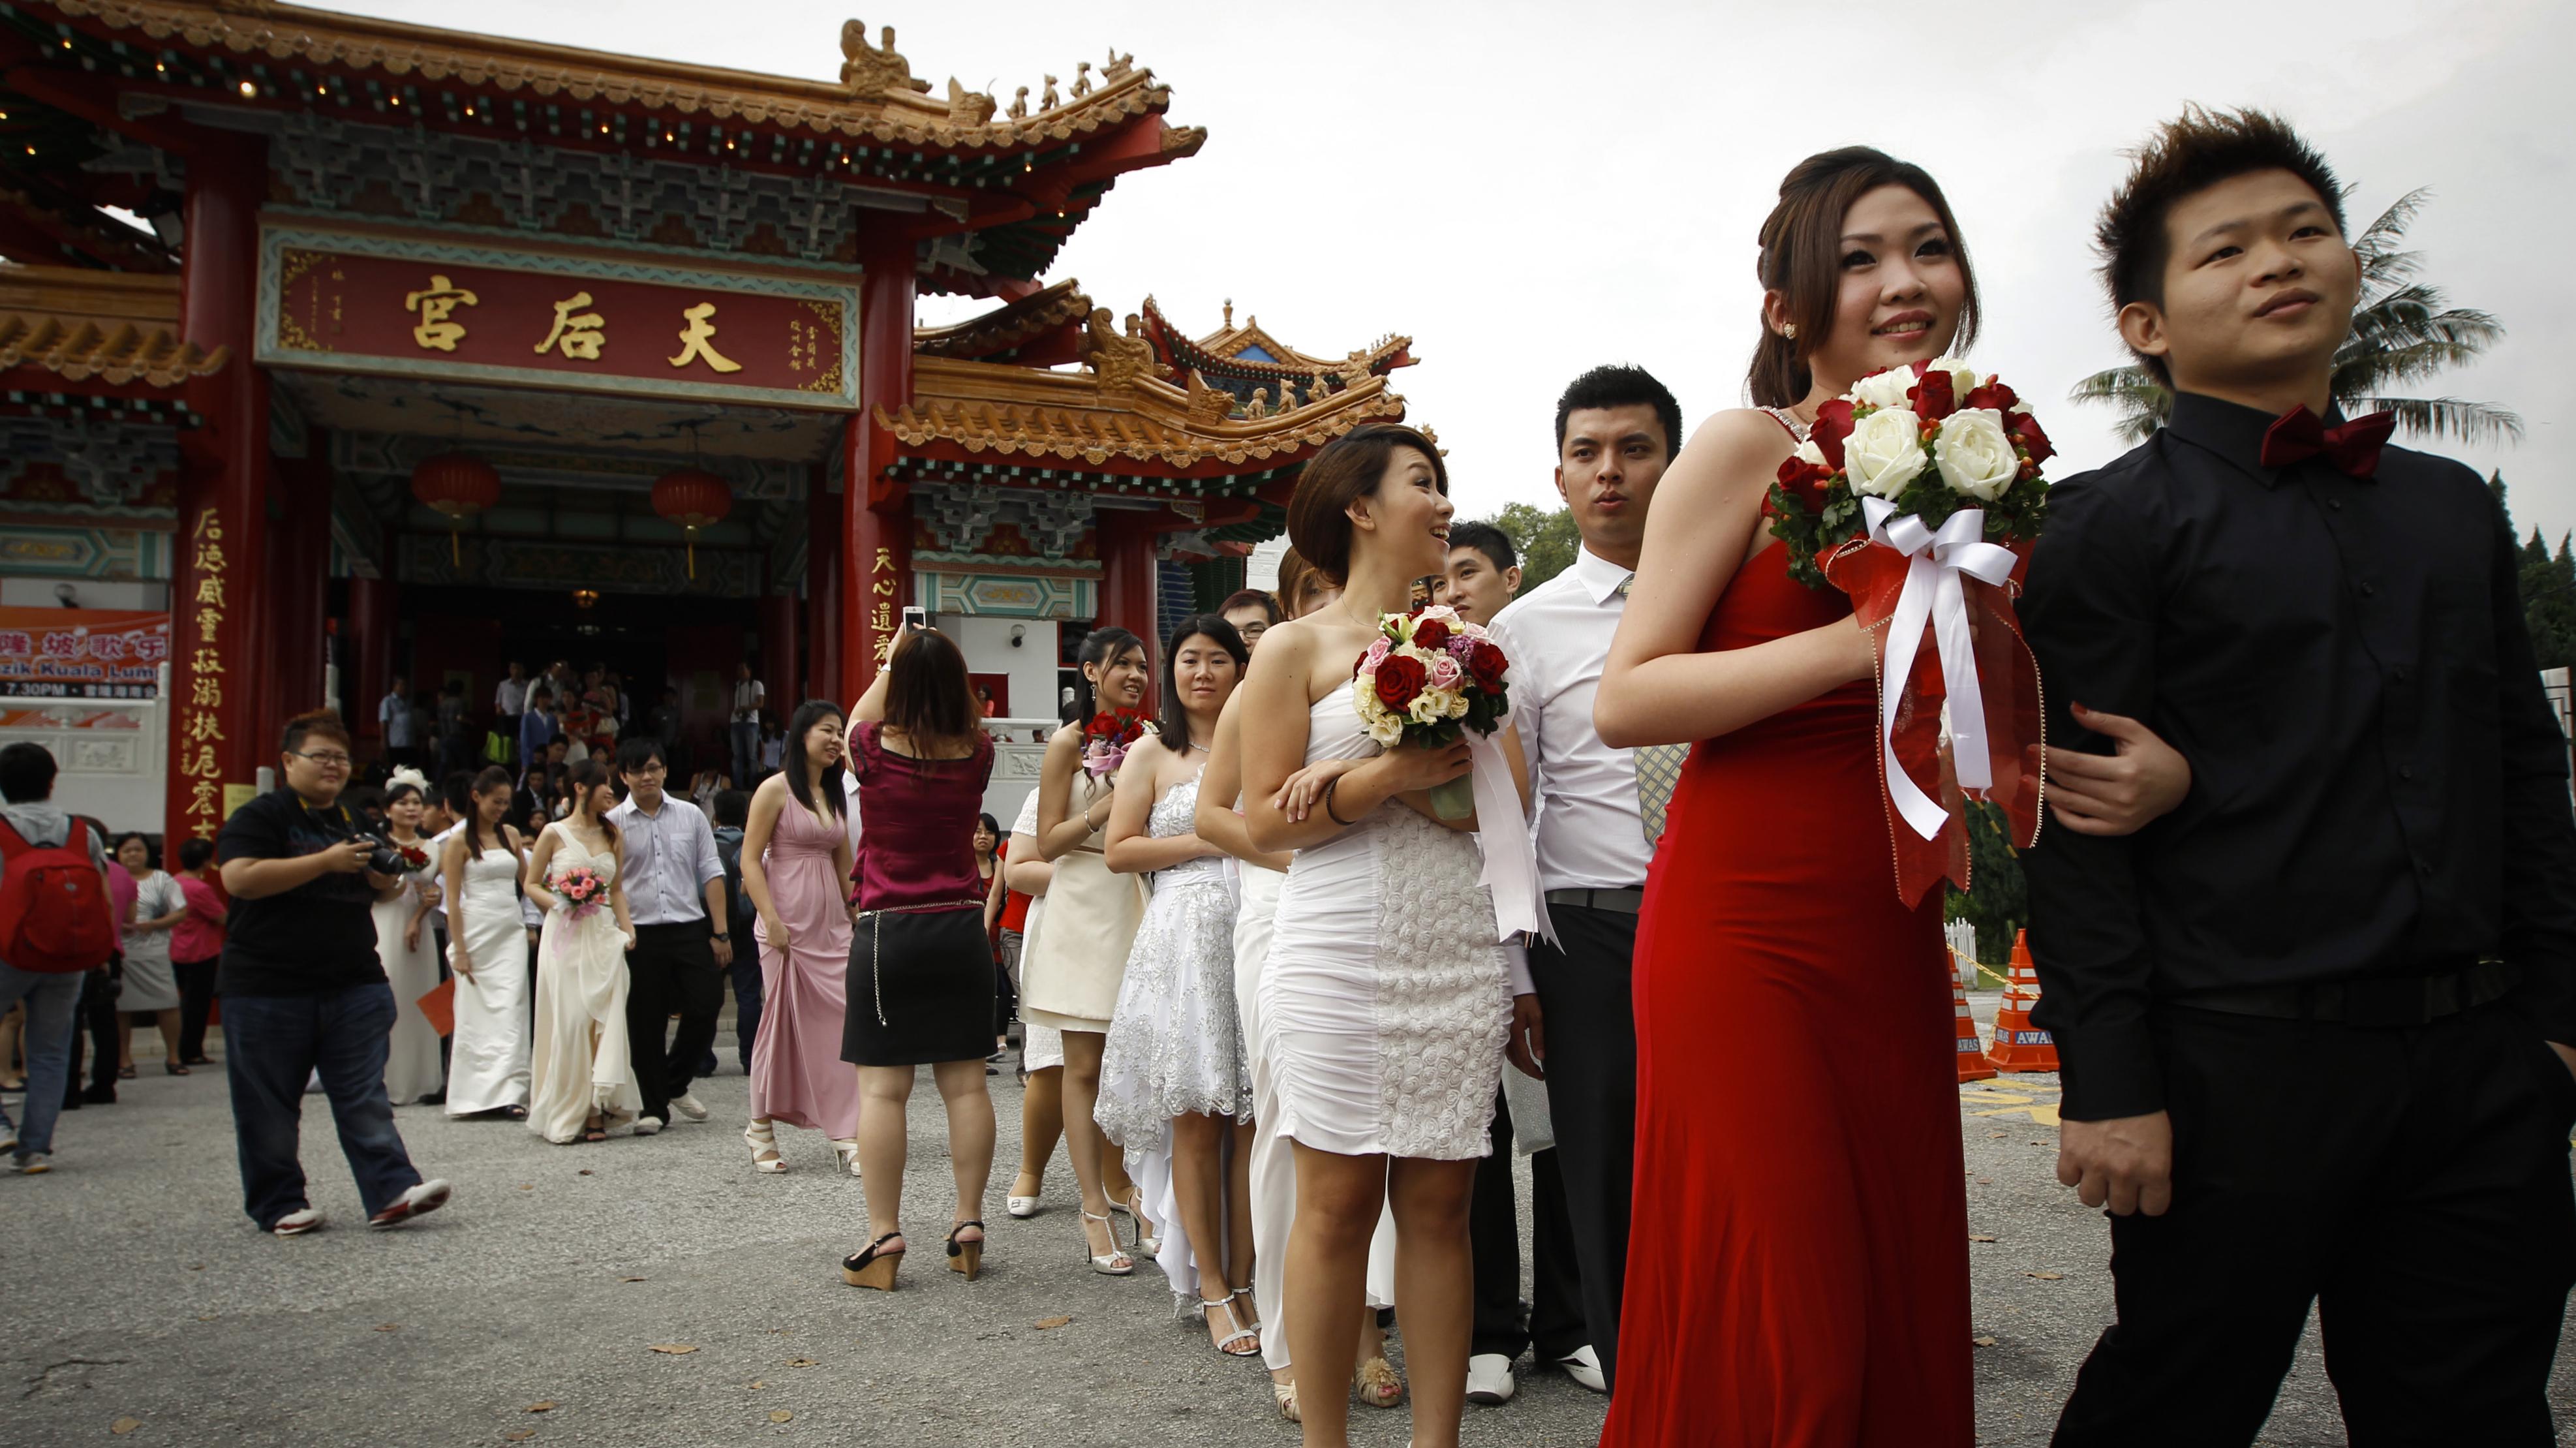 Mass wedding in Malaysia